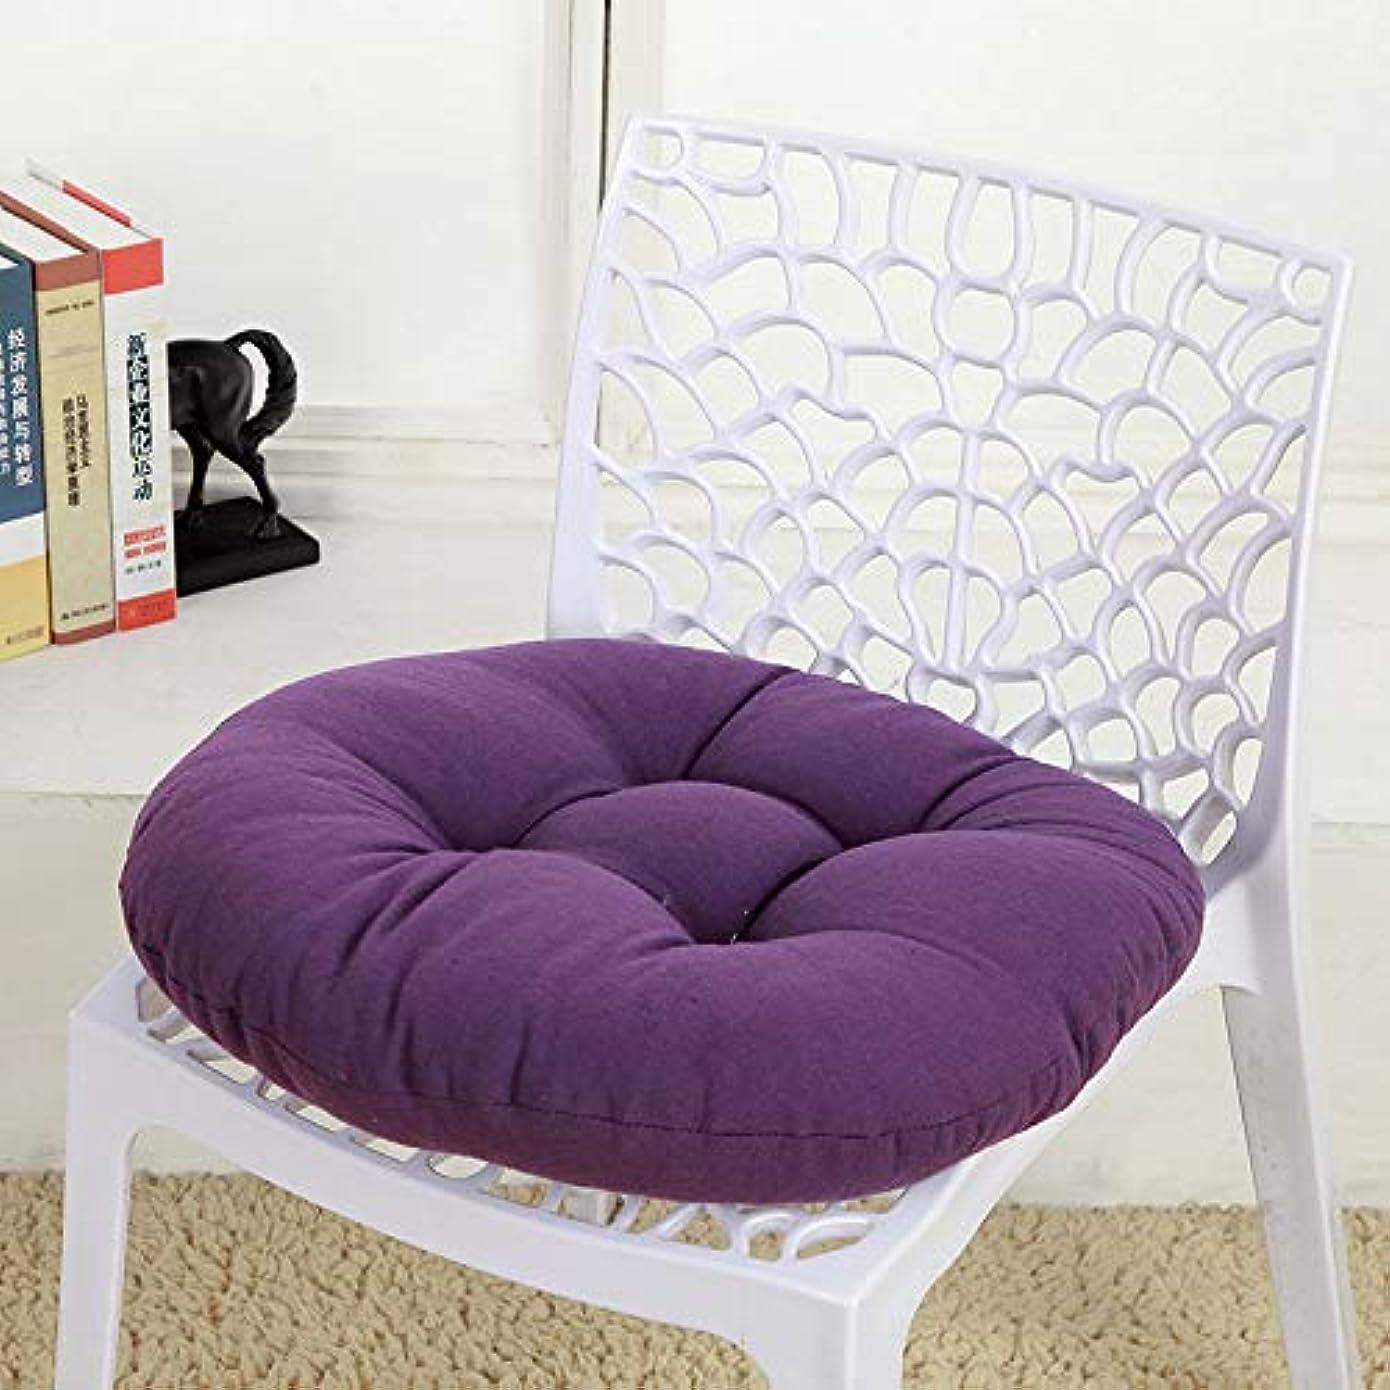 作詞家バトルスクラップSMART キャンディカラーのクッションラウンドシートクッション波ウィンドウシートクッションクッション家の装飾パッドラウンド枕シート枕椅子座る枕 クッション 椅子